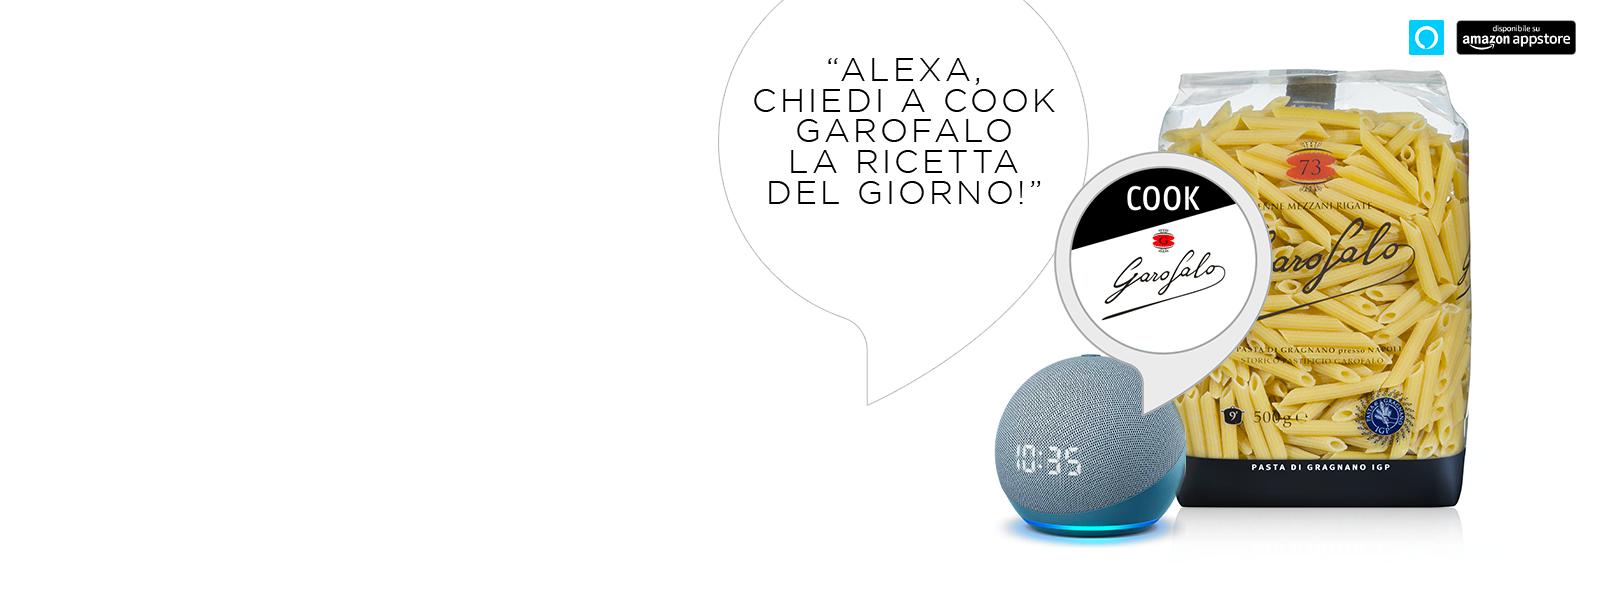 Vi abbiamo messo una buona parola in cucina.